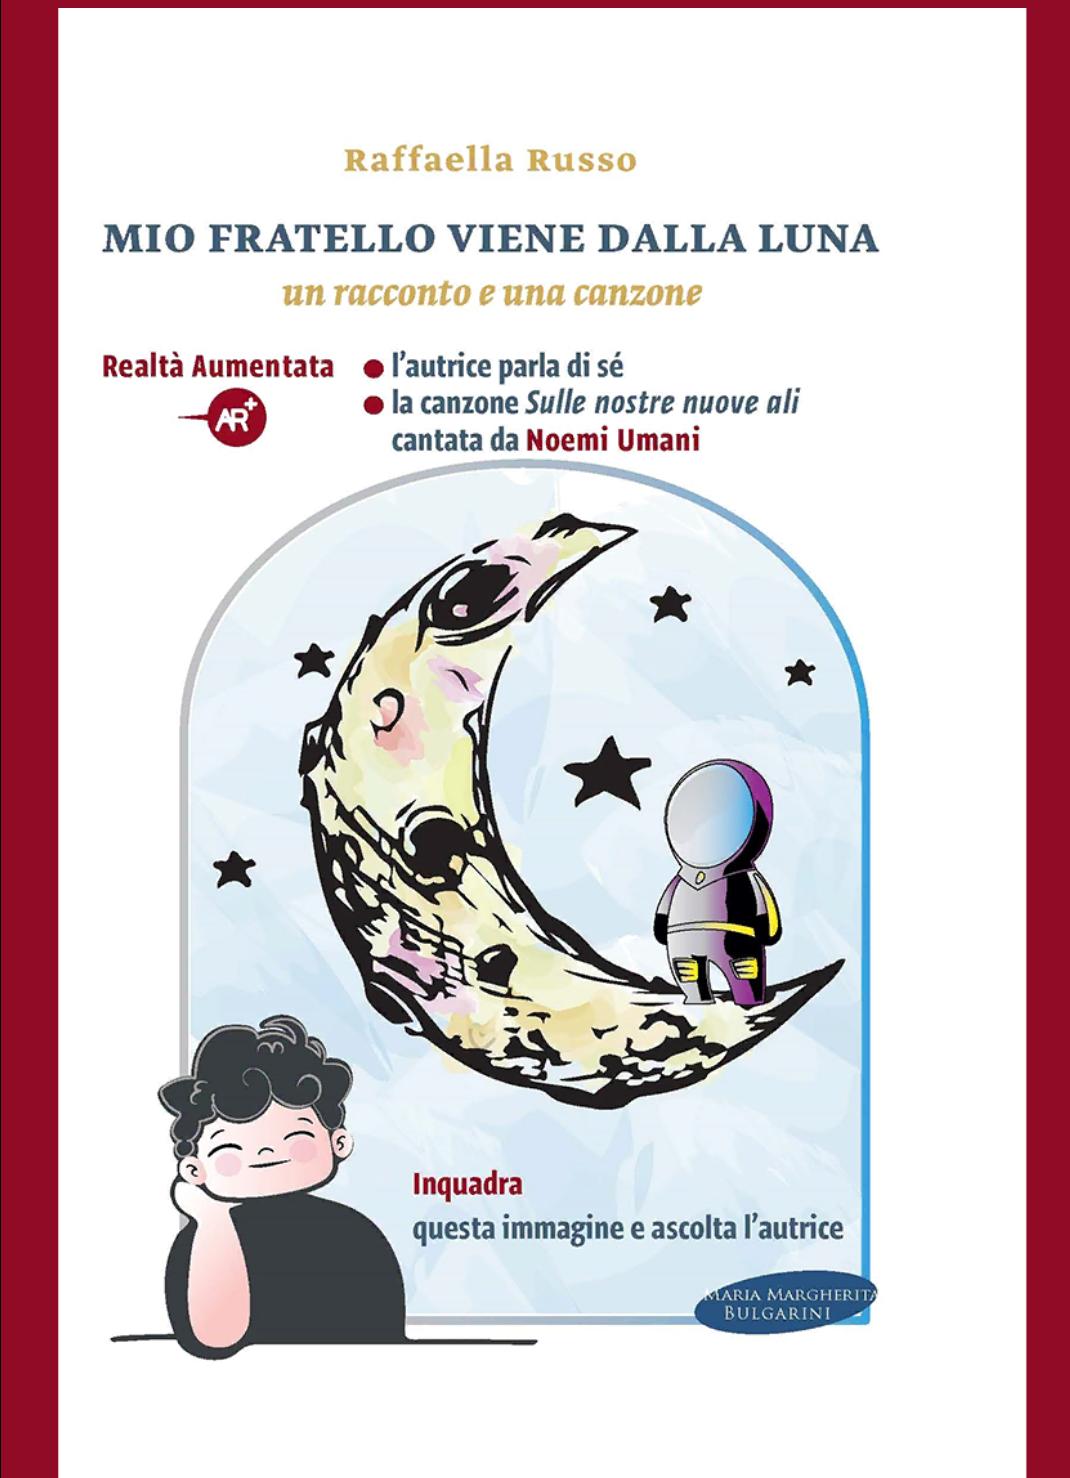 """""""Mio fratello viene dalla luna"""". L'intervista del docente Marco Pellegrino"""